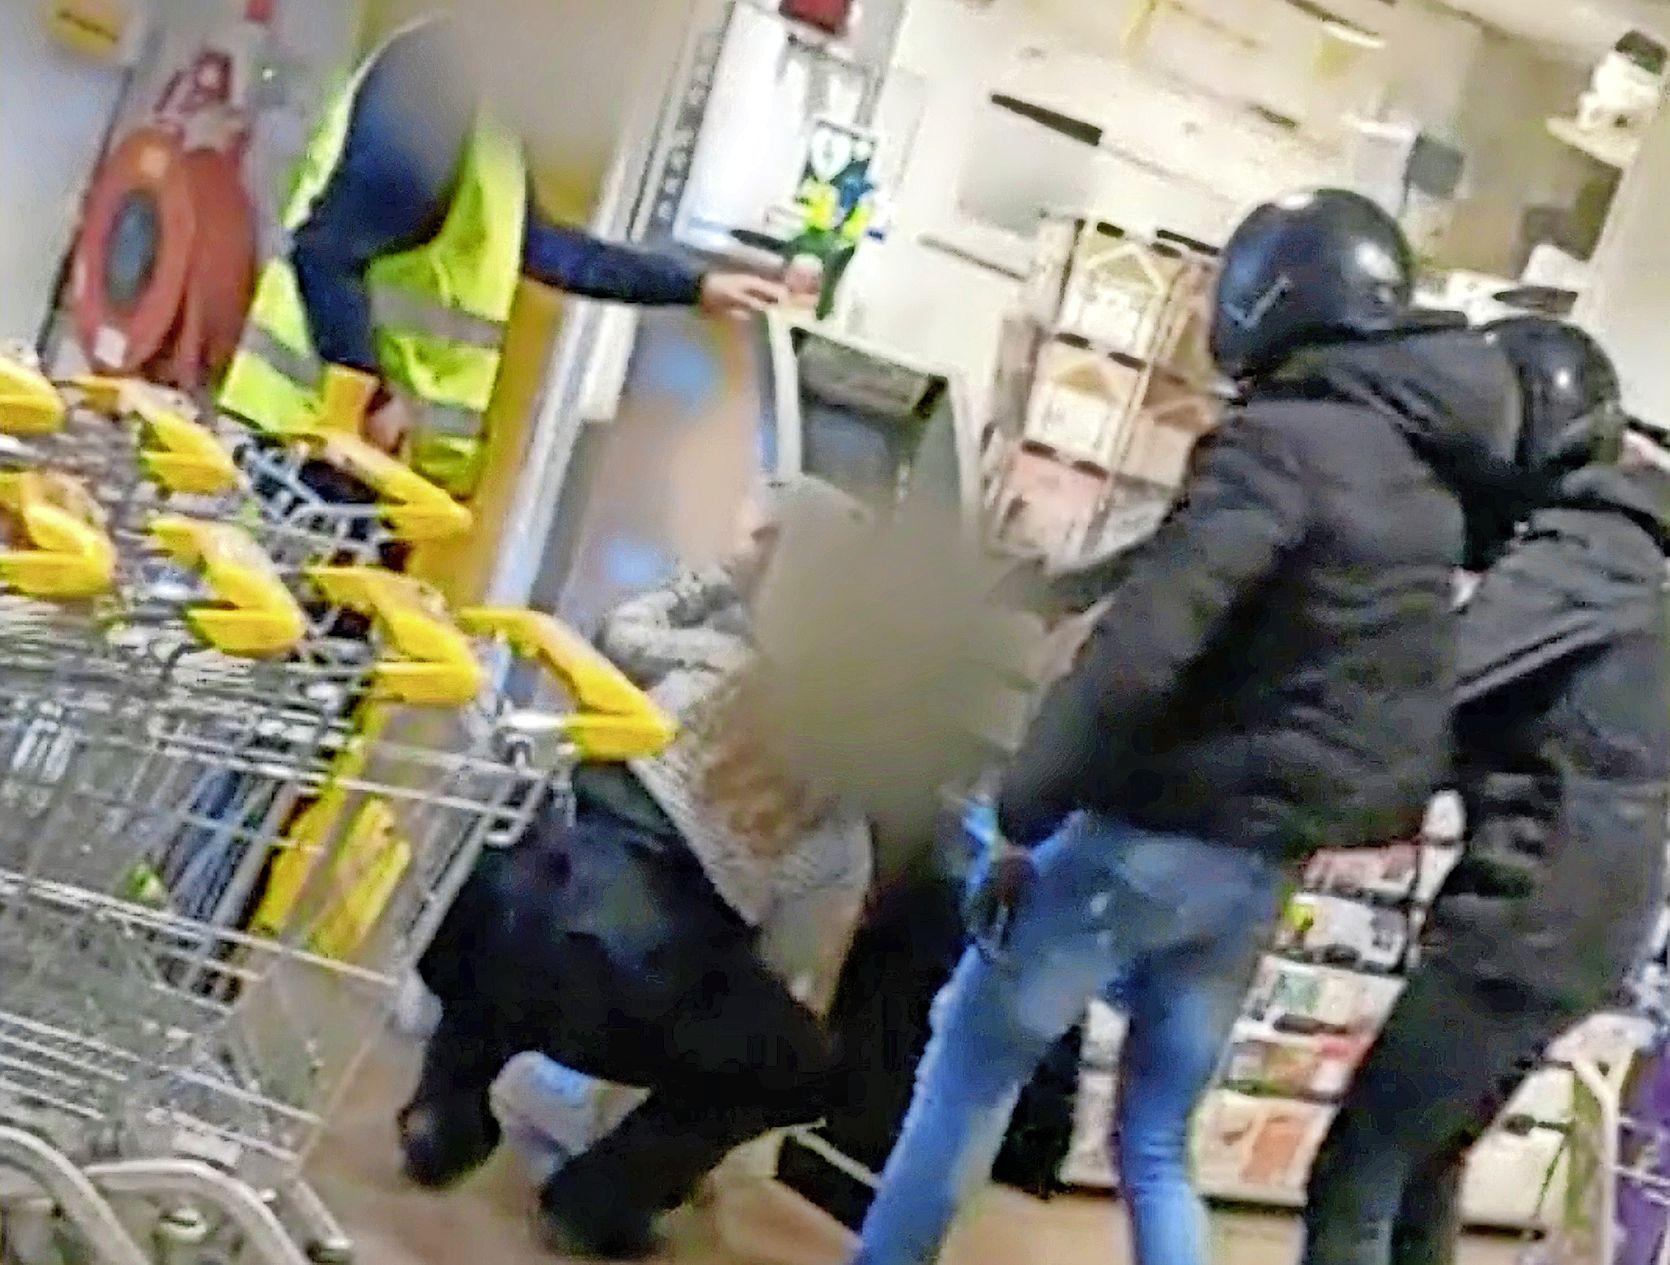 Buit ramkraak en overval op Jumbo-filialen bedraagt 7132 euro. Voorarrest van verdacht tienerduo uit Alkmaar tot minimaal eind mei verlengd